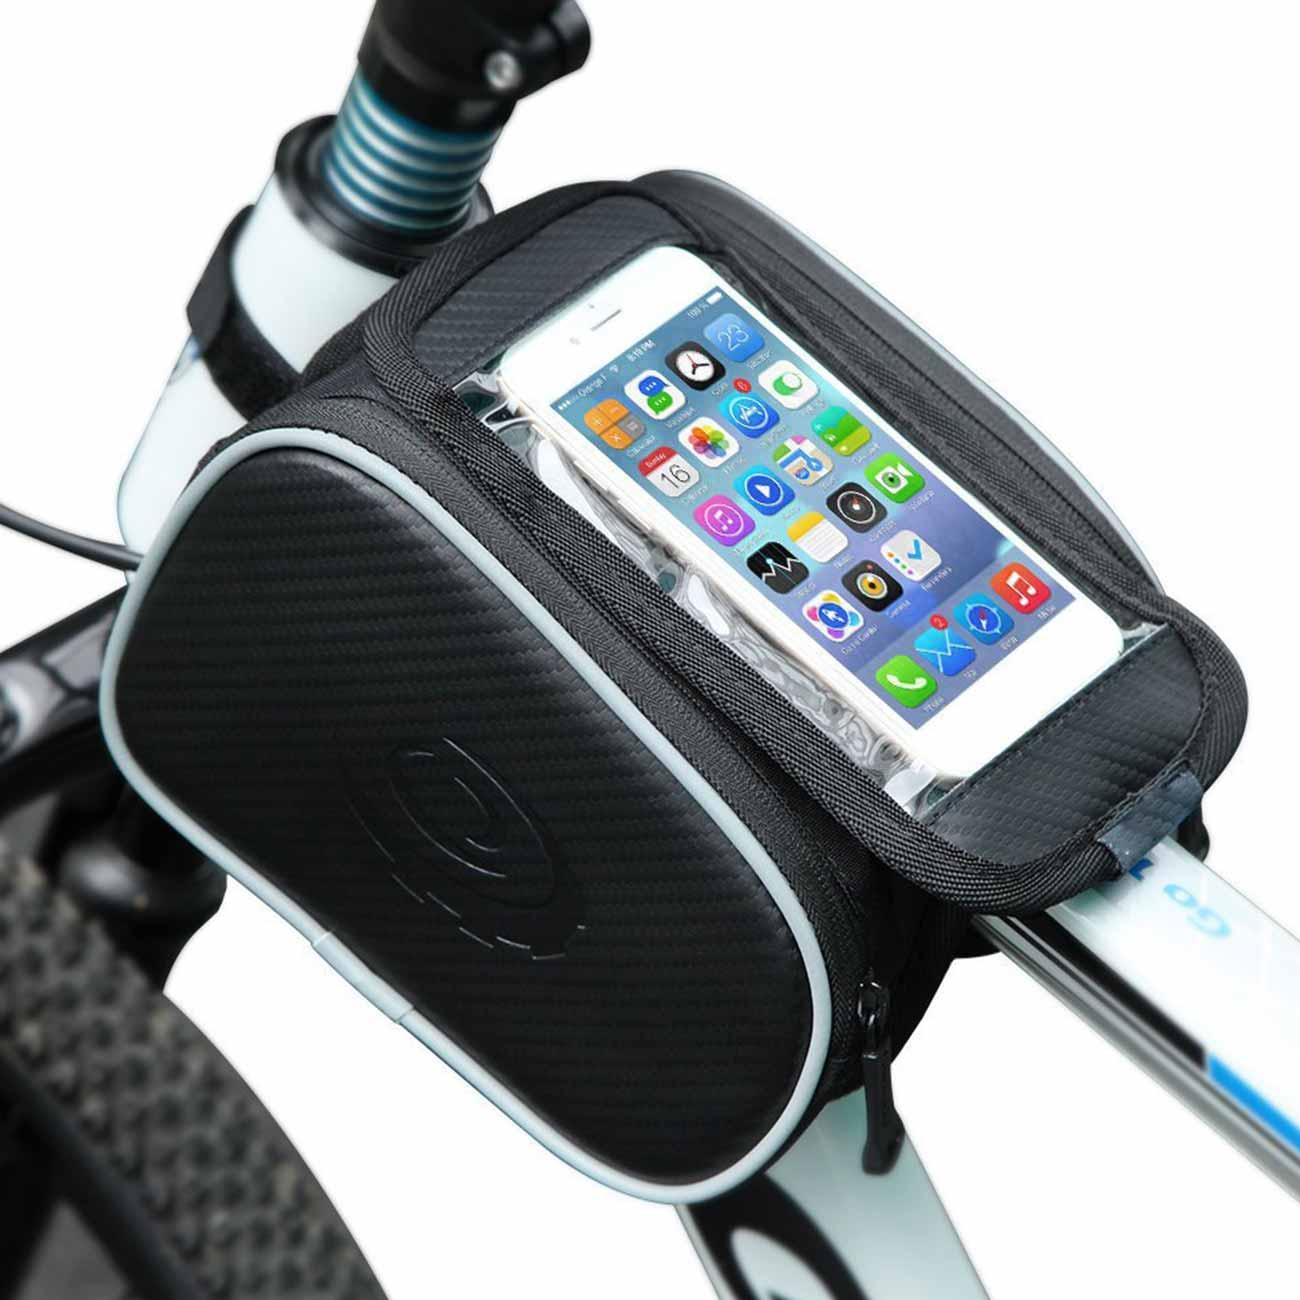 Bolsa de cuadro frontal para bicicleta, doble bolsa para teléfono móvil, pantalla...